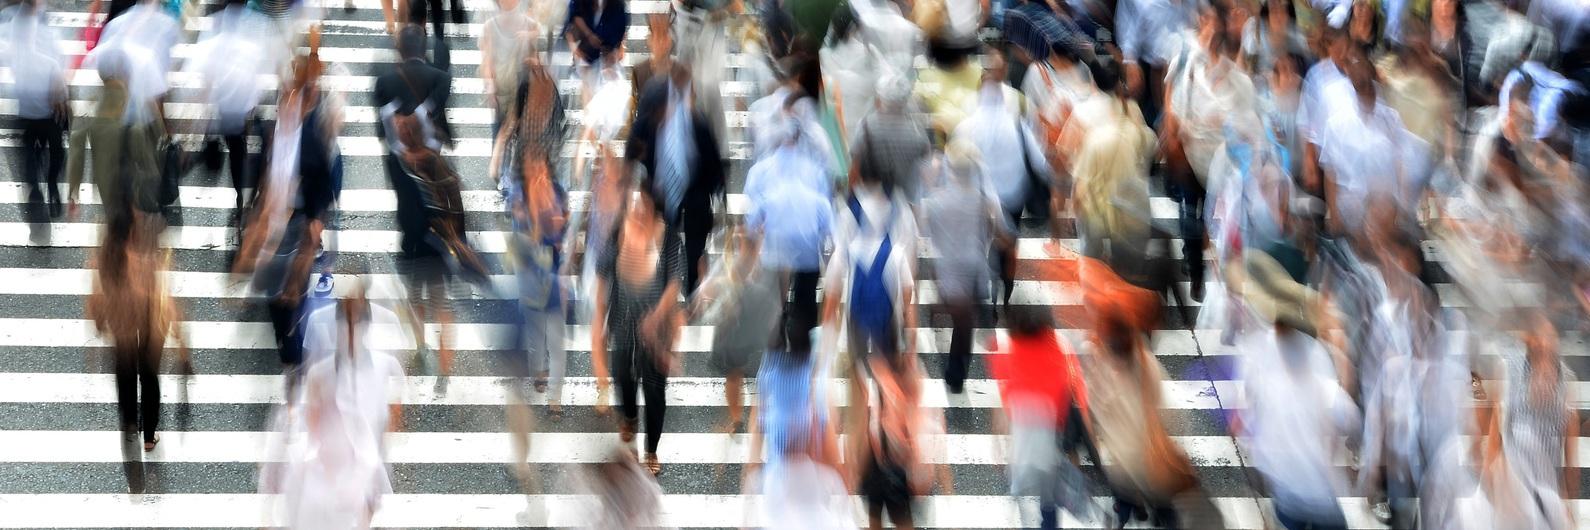 10 medidas do Simplex+ que já estão a mudar a vida dos cidadãos